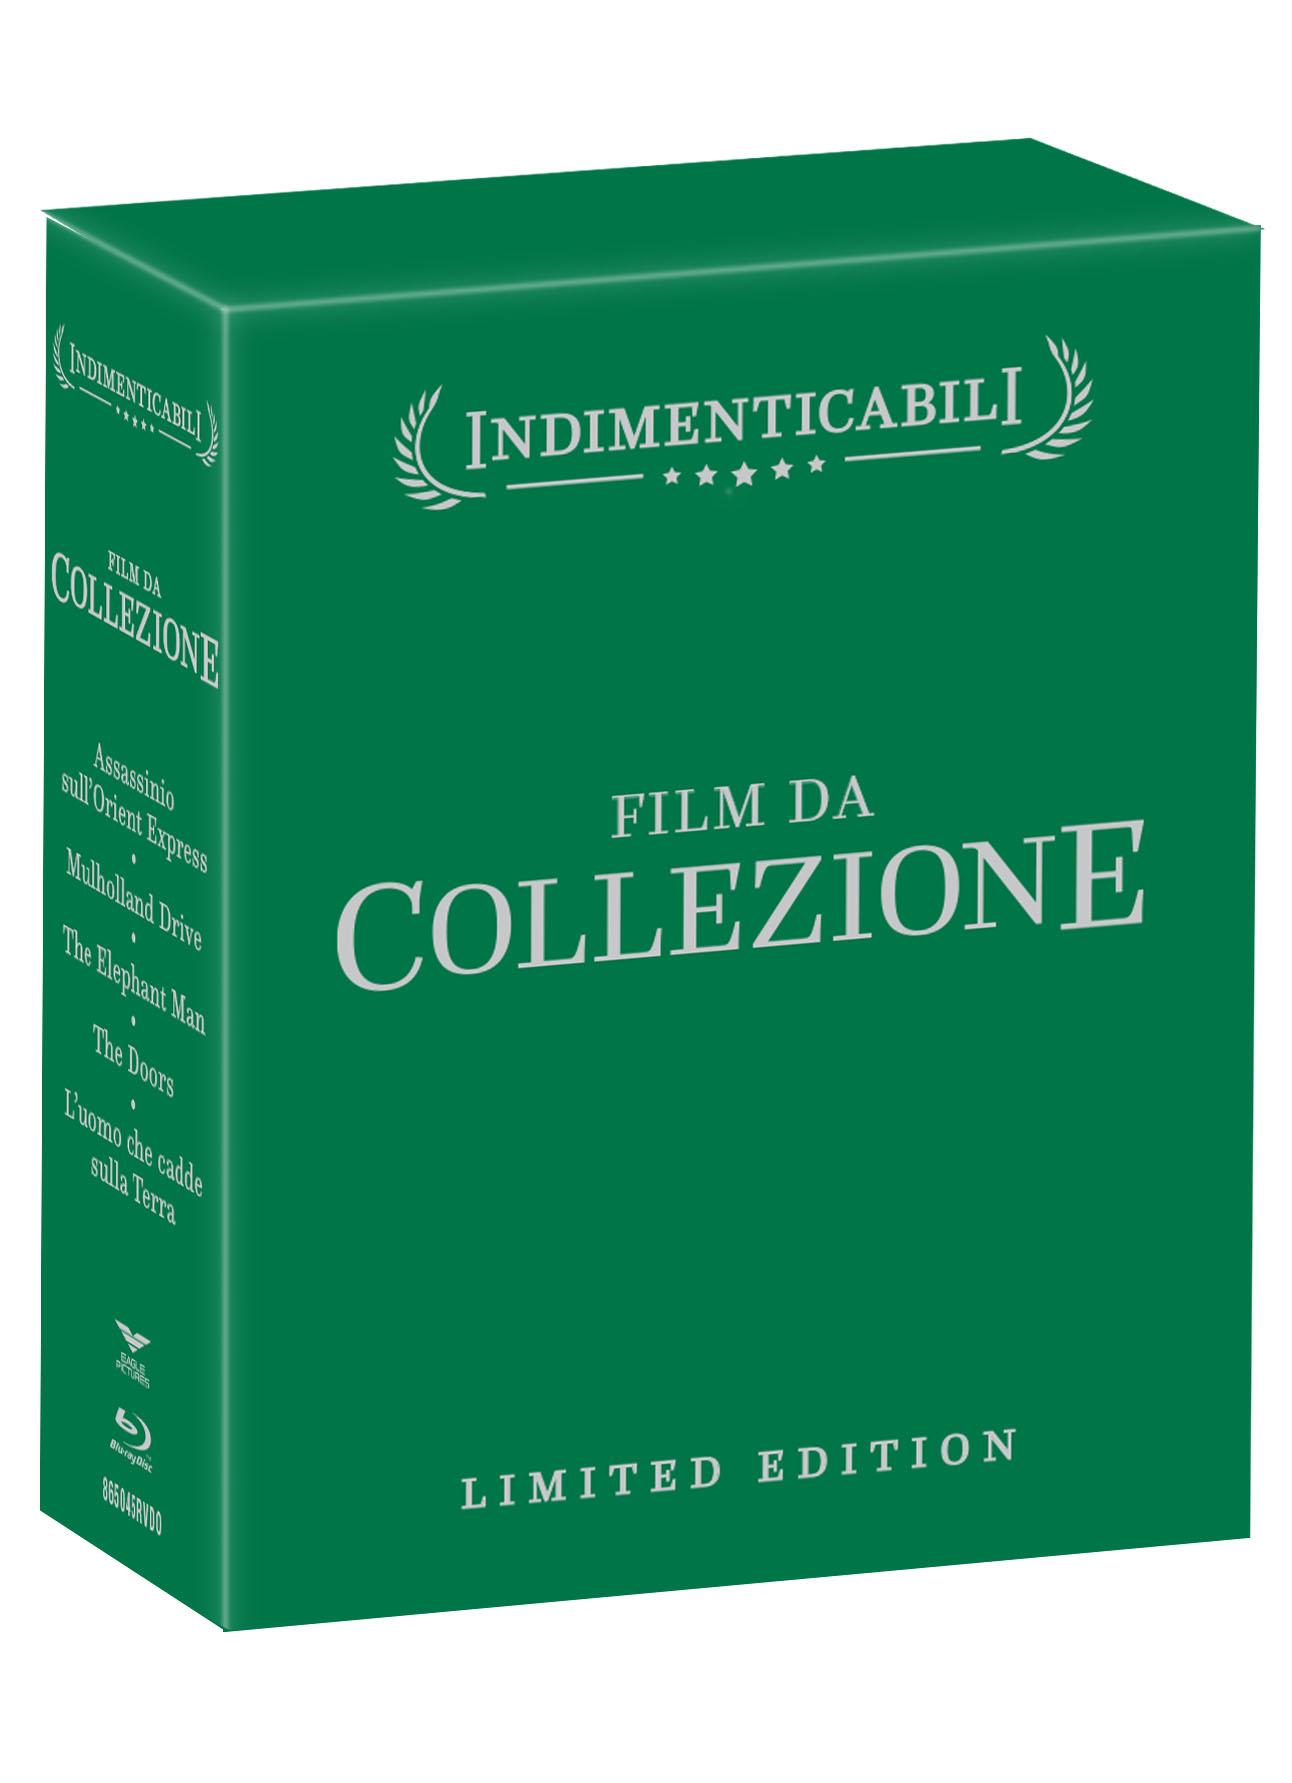 COF.FILM DA COLLEZIONE - COFANETTO INDIMENTICABILI (5 BLU-RAY)